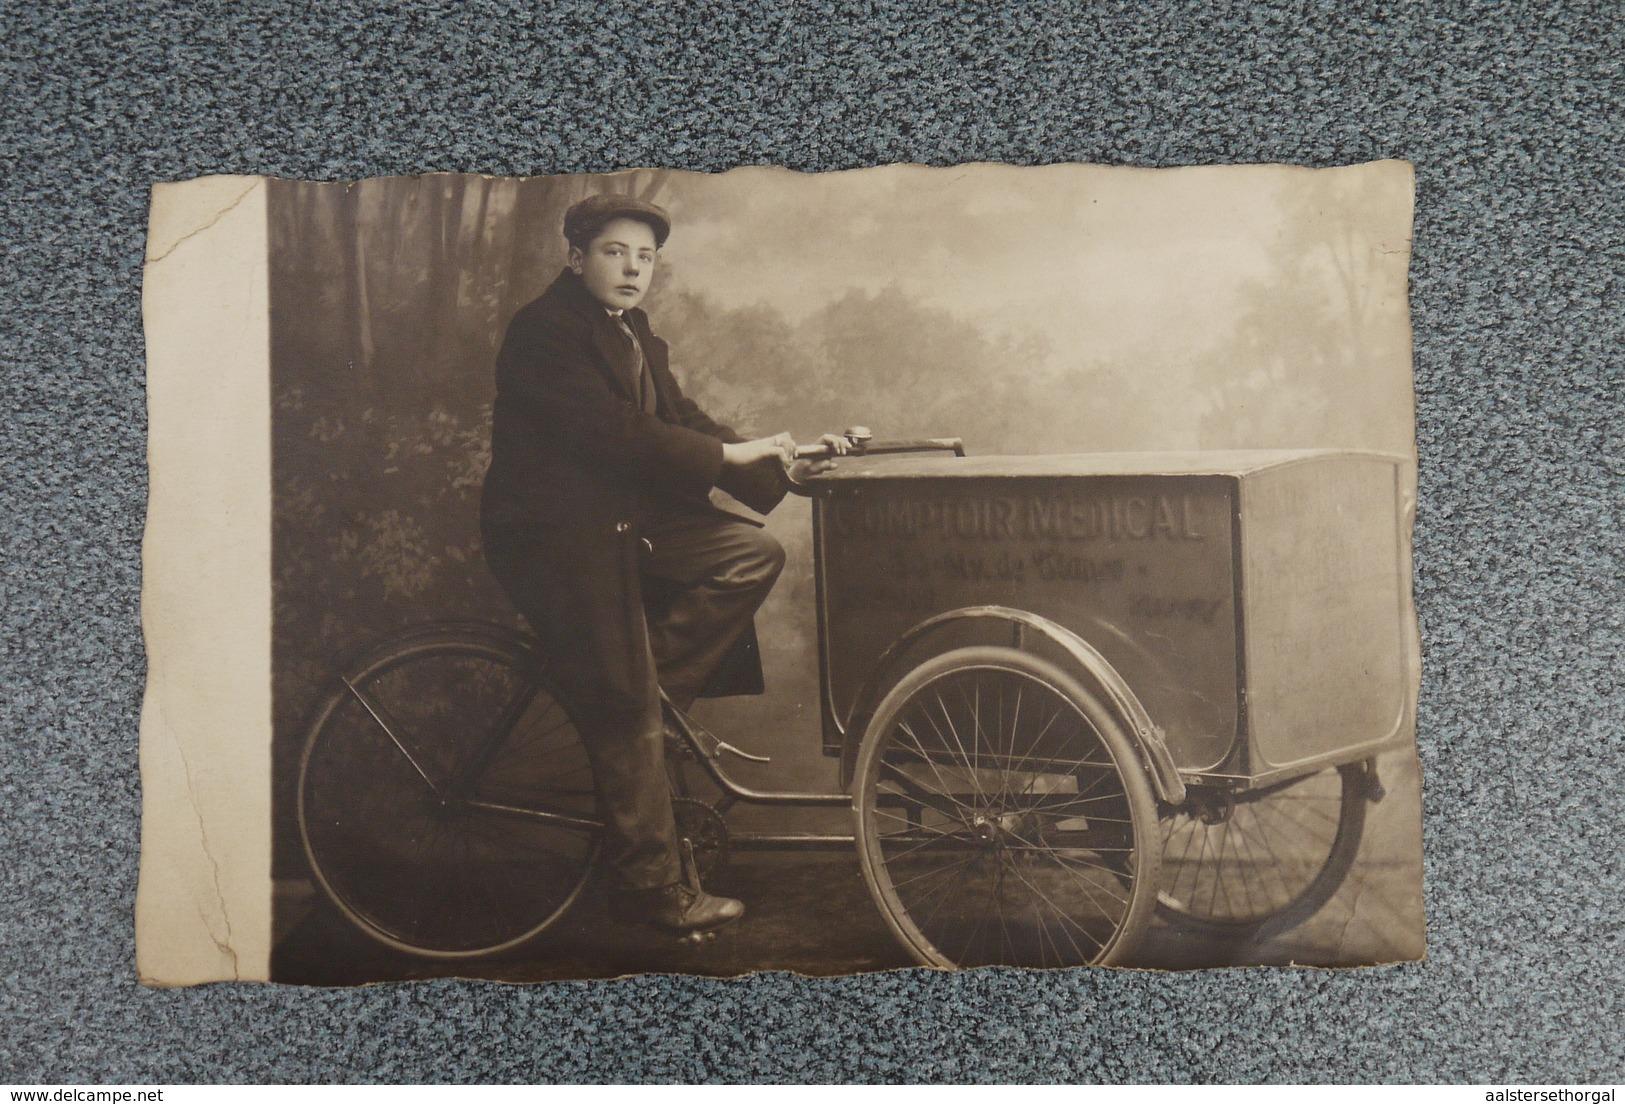 Bakfiets Triporteur  Pk Fotokaart 1920' Zeldzame Fotokaart Comptoir Medical - Motorbikes